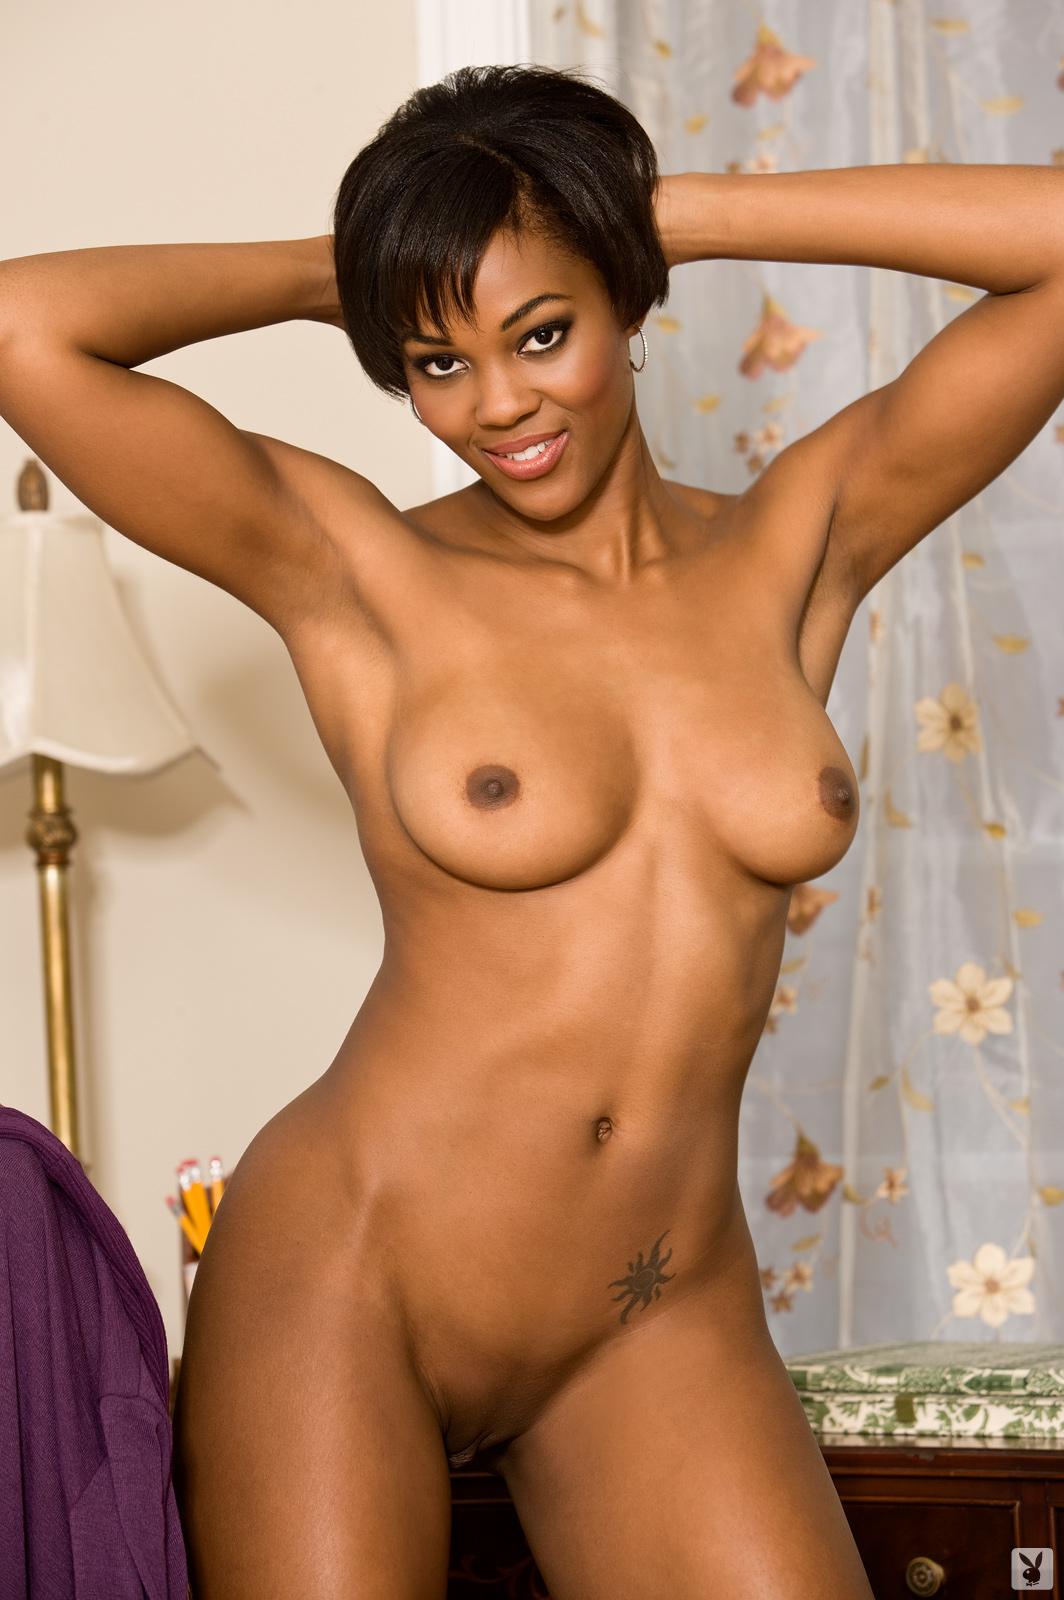 Чернокожие порно актрисы порно фото 8 фотография